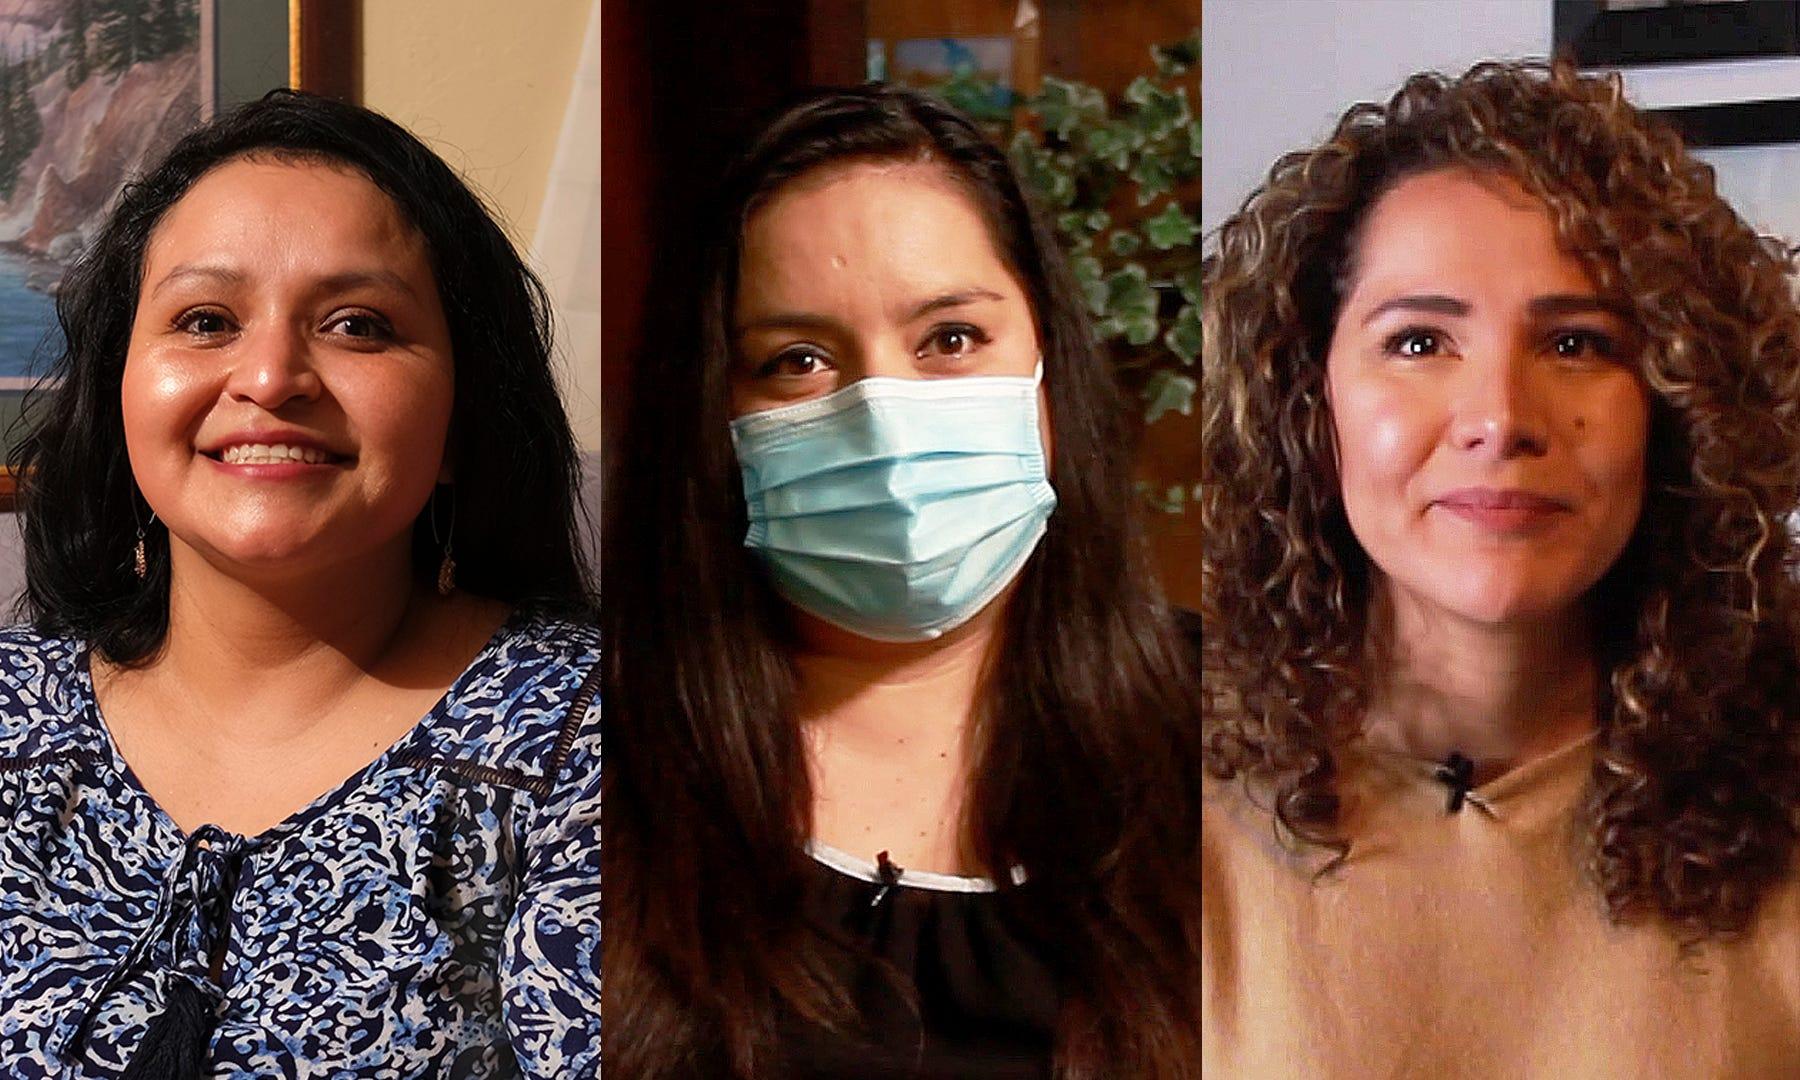 Blanca Keiser, Maria Dolores Vaca Carrasco y Ana Perla Nuñez son sobrevivientes de abuso doméstico que ahora viven en Oklahoma City.